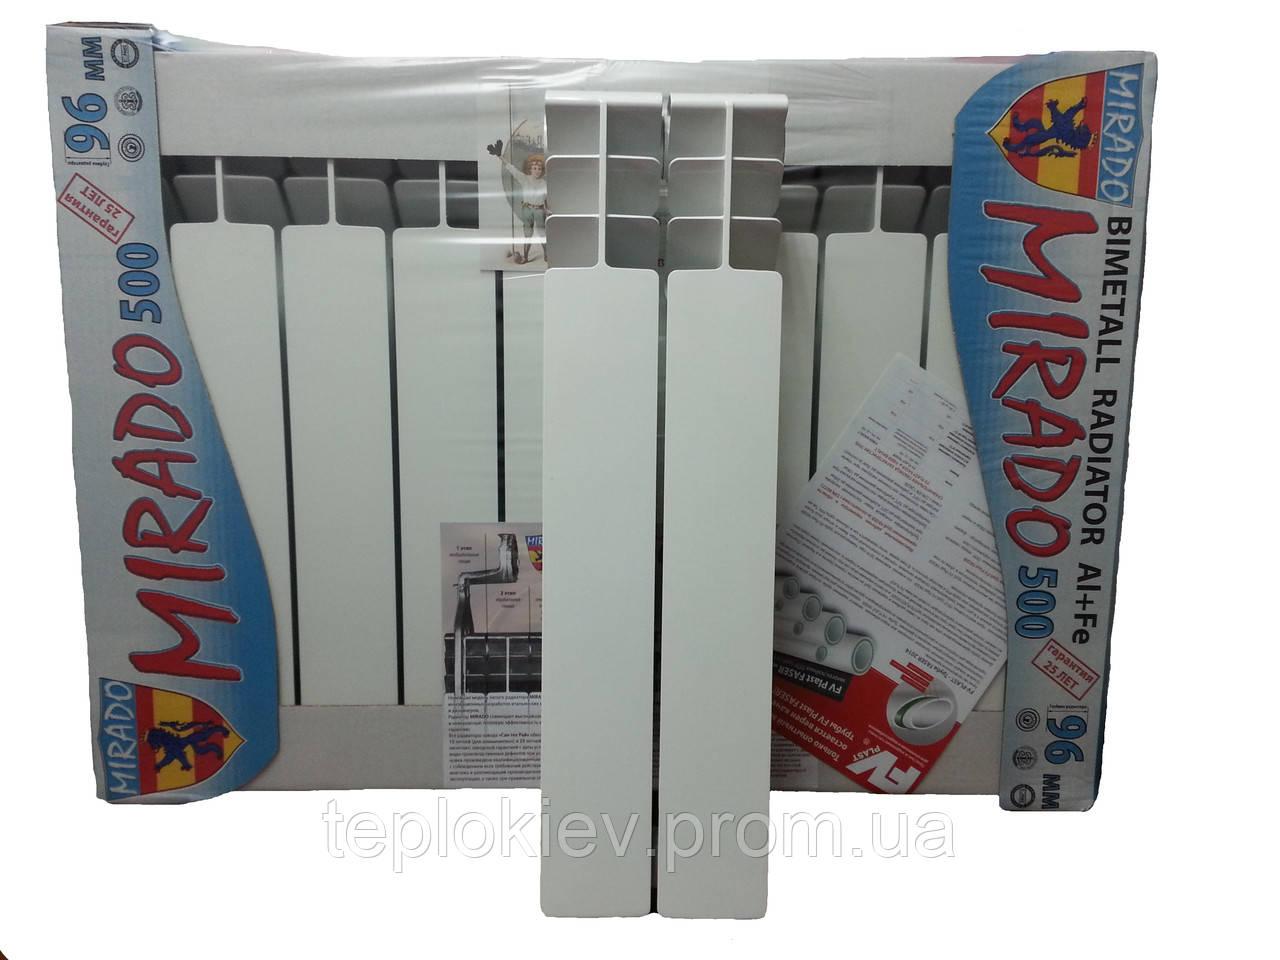 Биметаллические радиаторы Mirado Мирадо 500 30 атмосфер - «ТЕПЛОКИЕВ» Всё для отопления и водоснабжения в Киеве